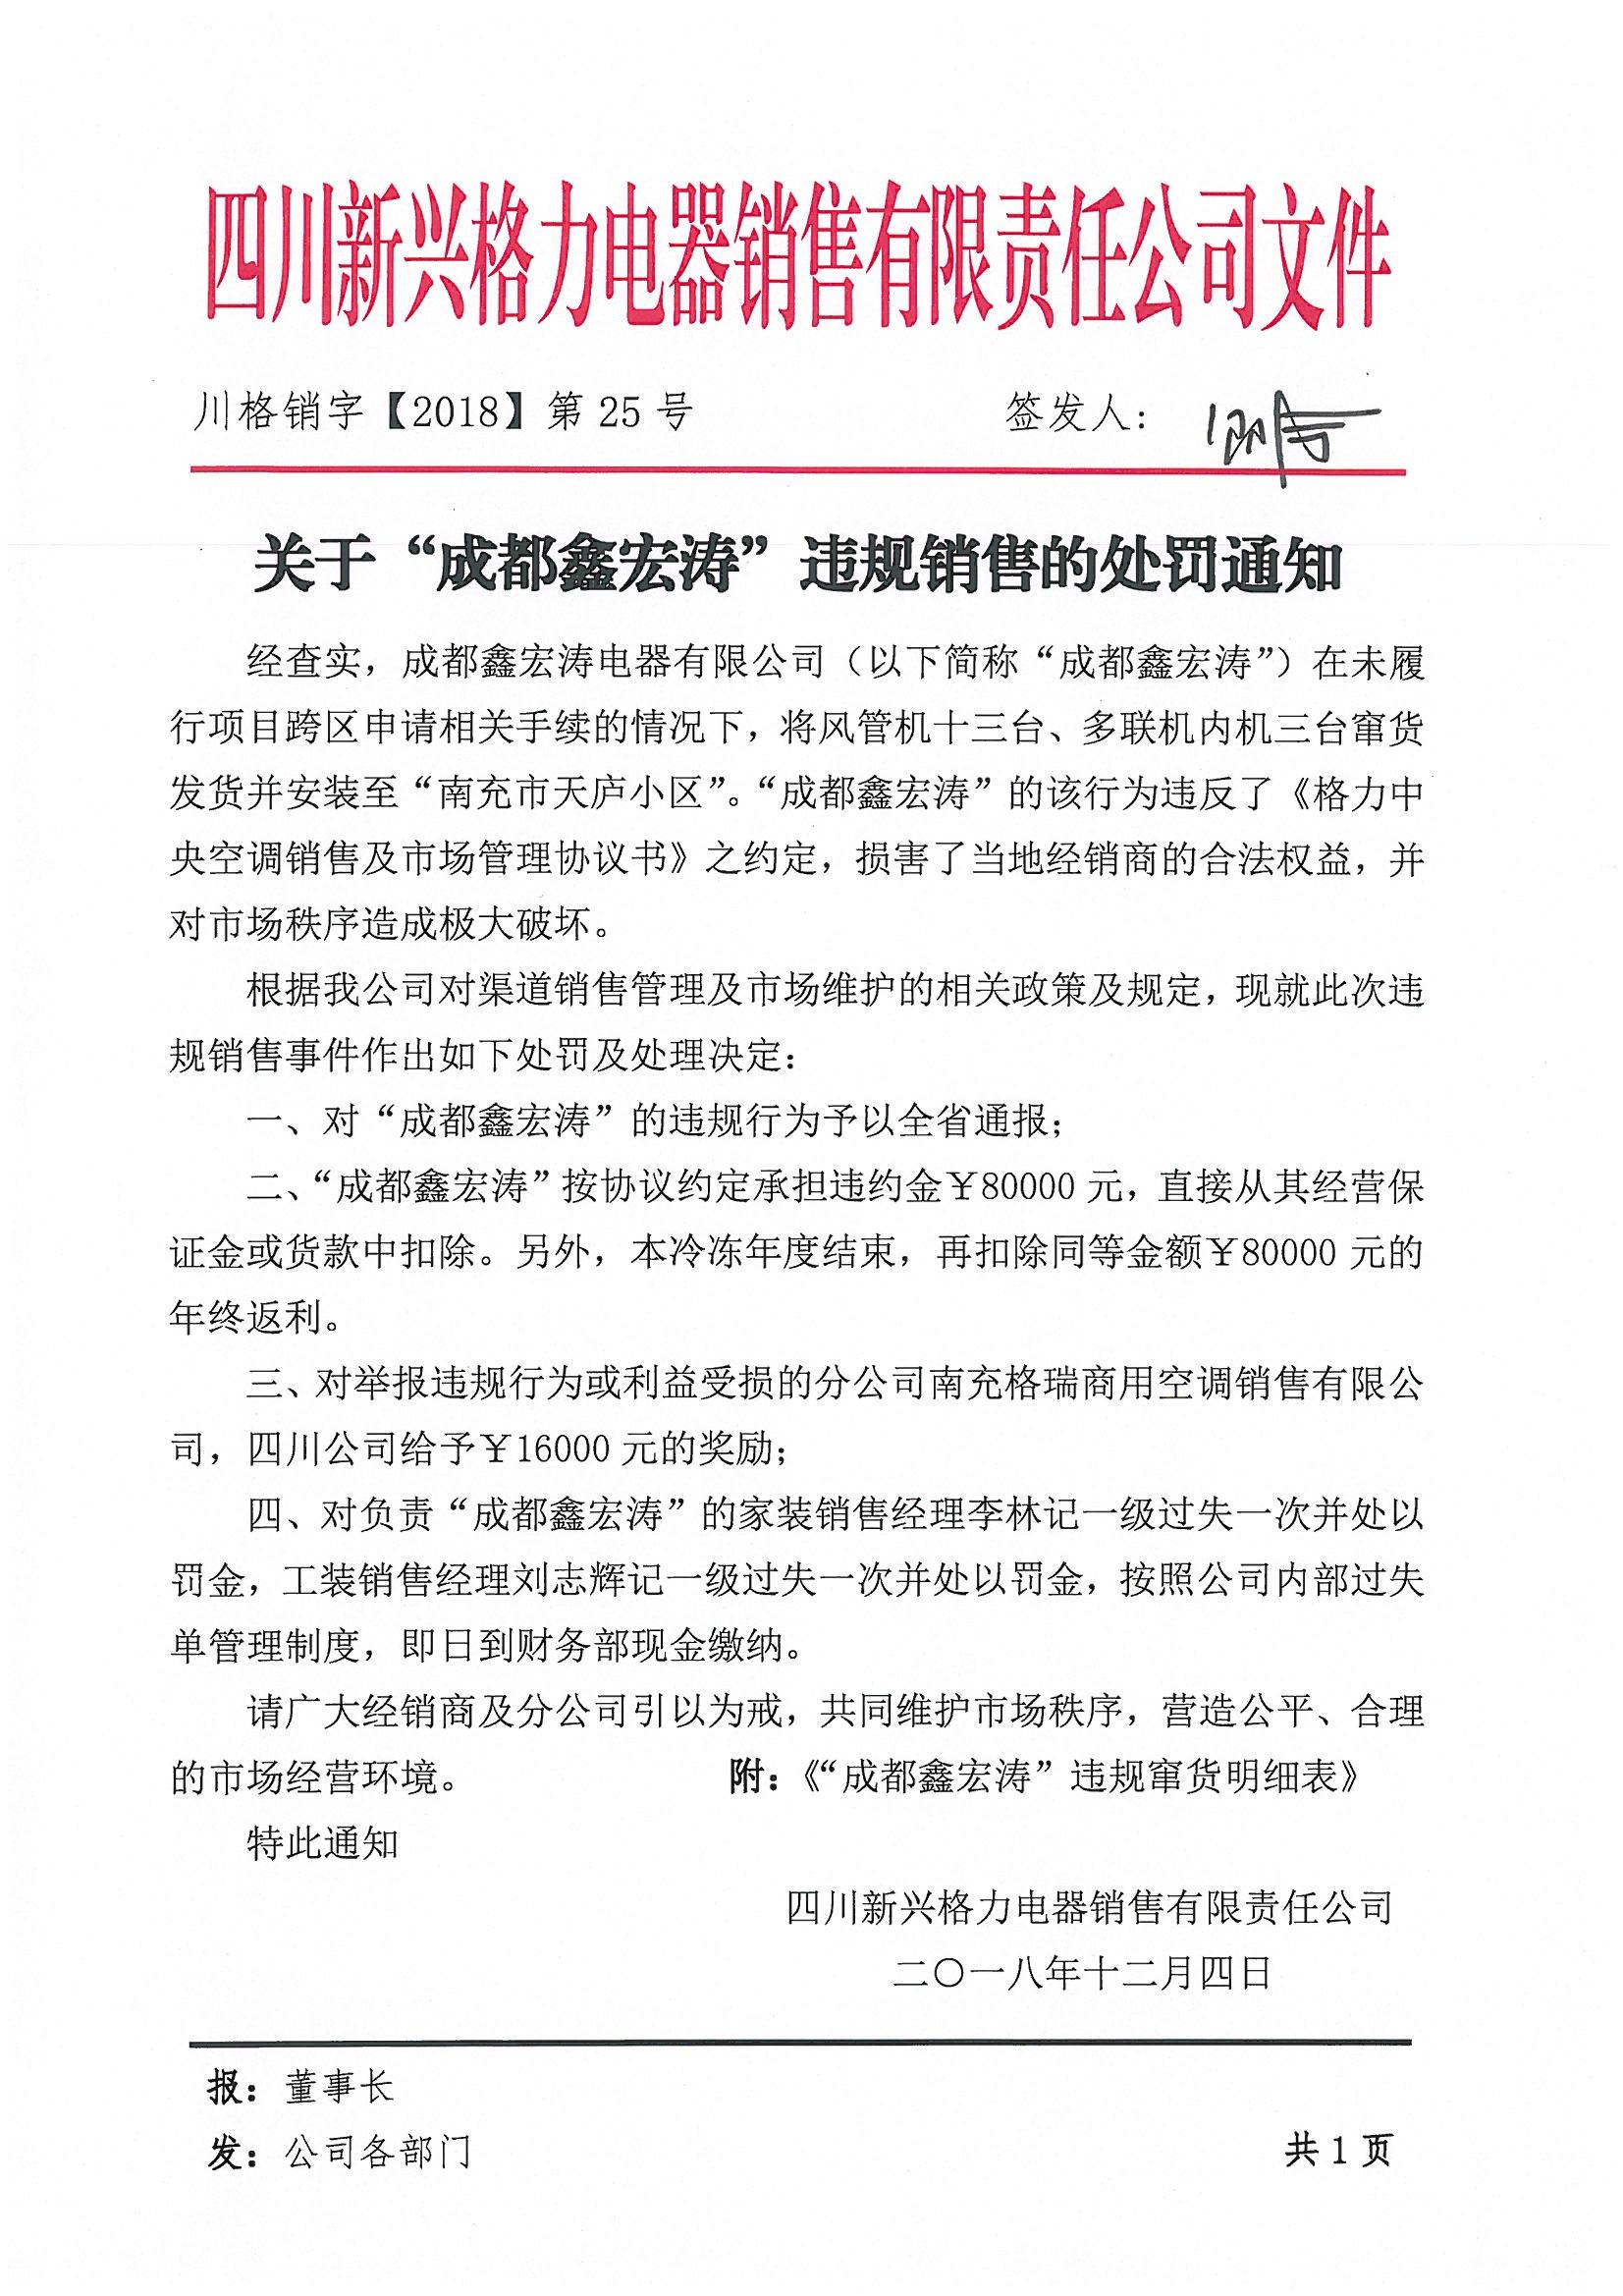 成都鑫宏涛电器有限公司将13台格力风管机,多联机串货到南充天庐小区;处罚8万,